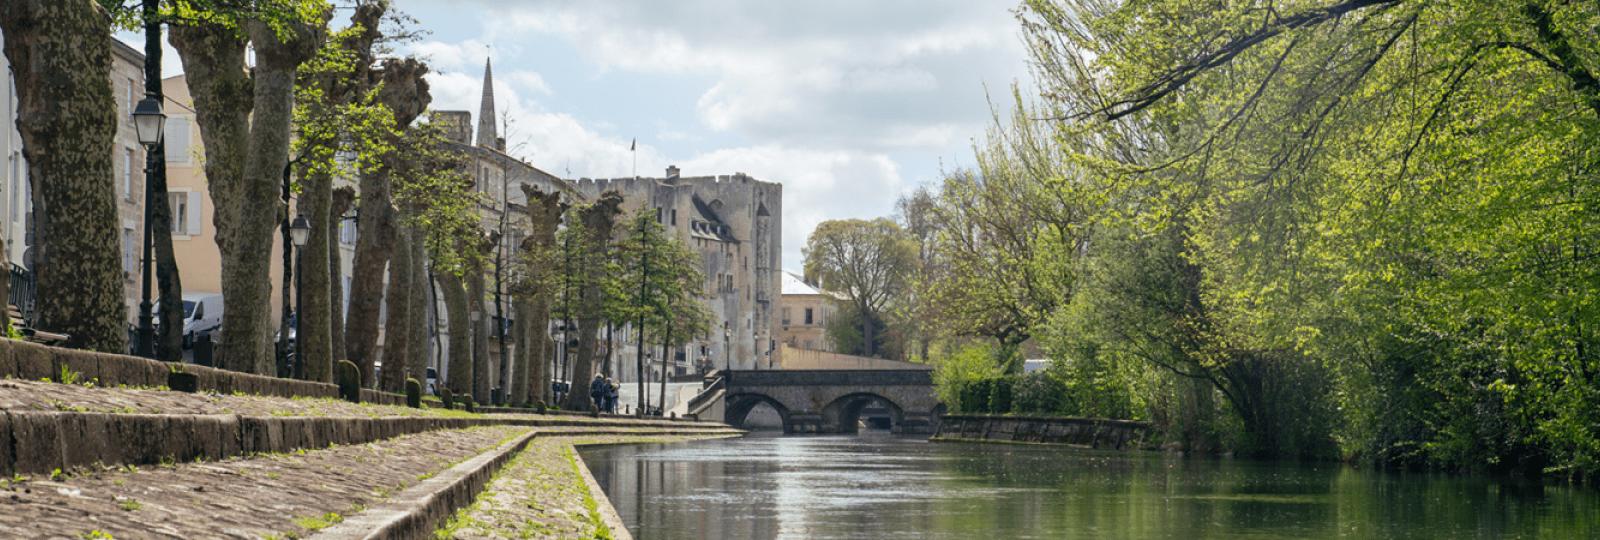 Balade sur les quais de Niort, aux portes du Marais poitevin